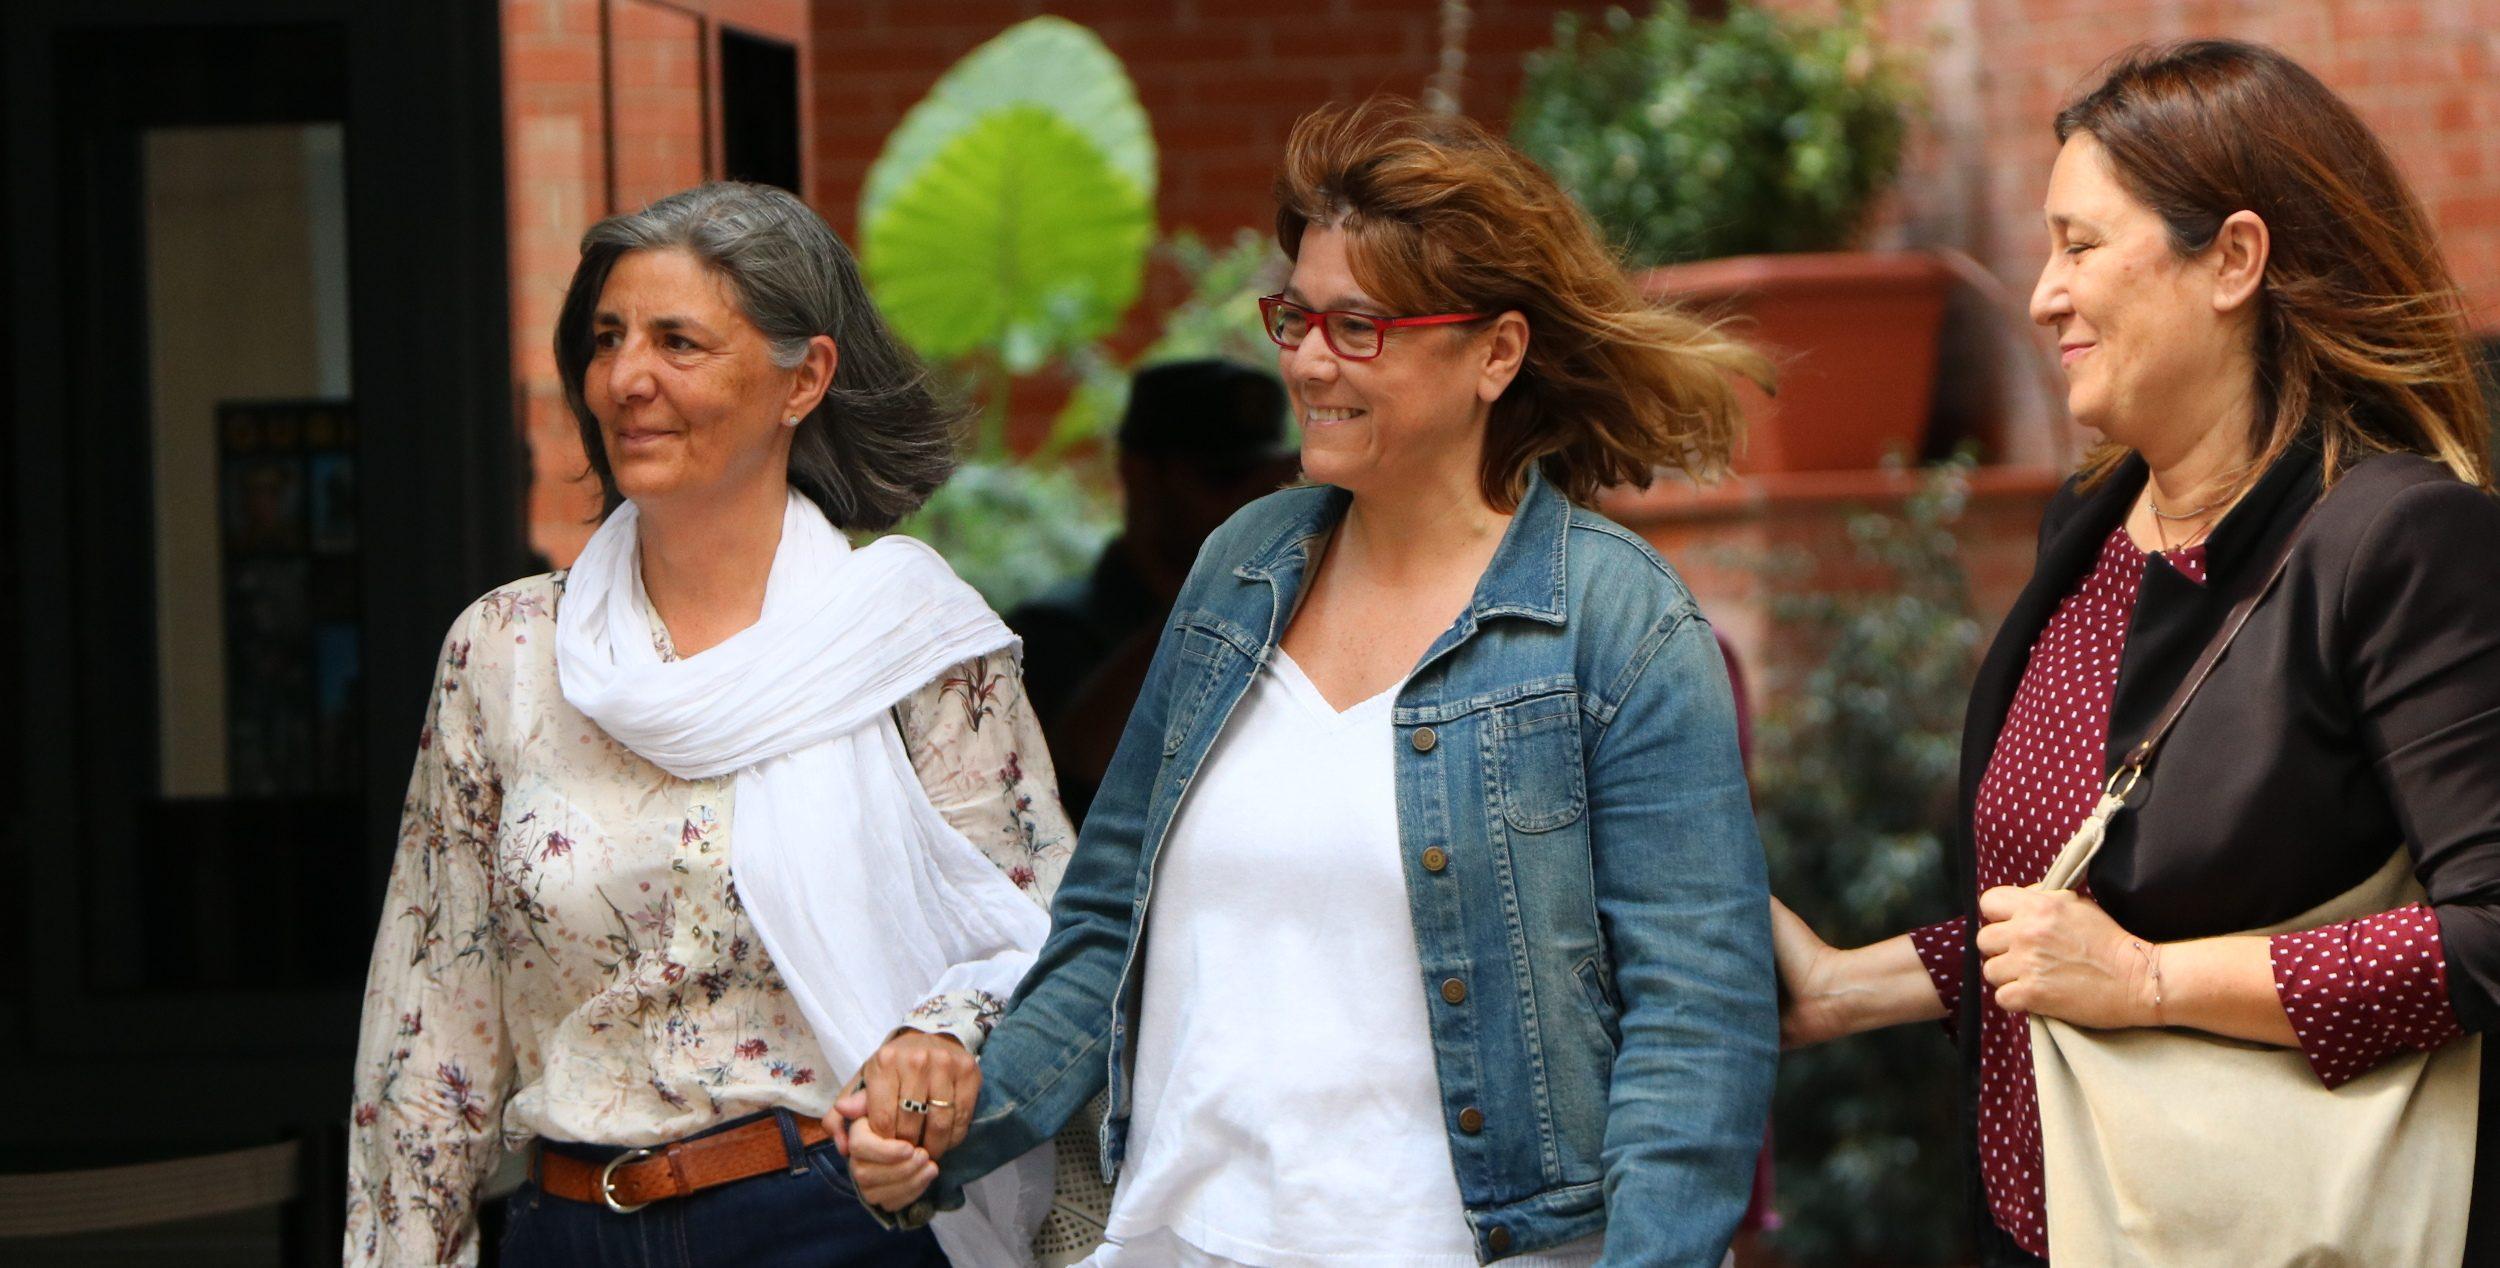 Natàlia Garriga, al mig, el 21 de setembre del 2017, sortint de la caserna de la Guàrdia Civil després de ser detinguda el 20-S, en operació contra el referèndum, quan era directora de serveis de la secretaria general de la Vicepresidència / ACN